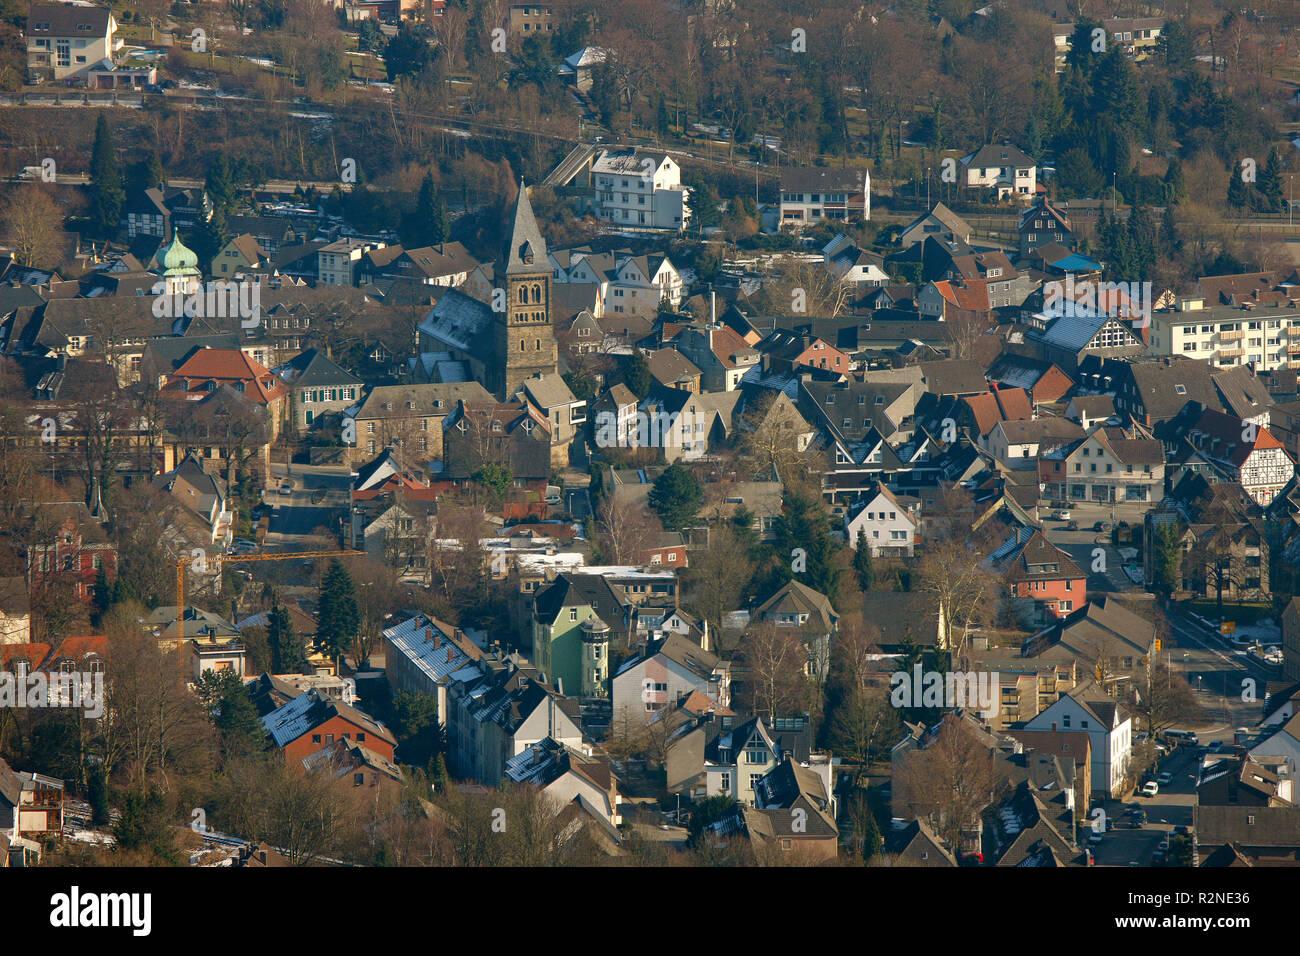 Westende, Herdecke, Ruhr area, North Rhine-Westphalia, Germany, Europe, - Stock Image